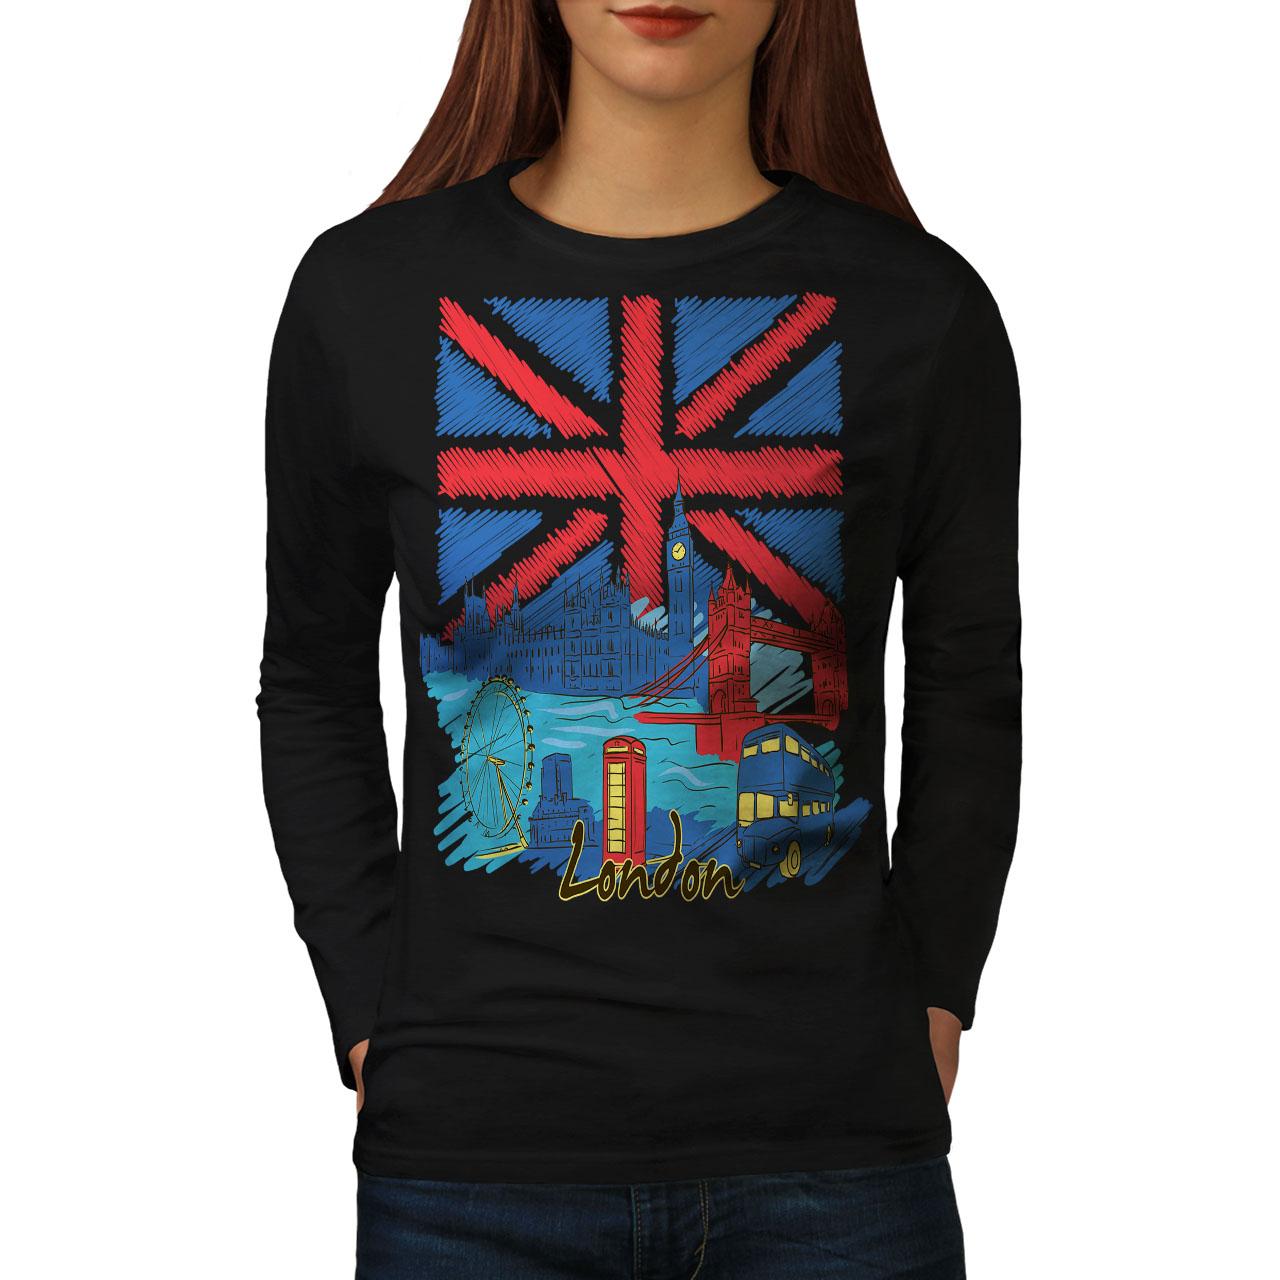 2019 Moda Inghilterra Bandiera Uk Donne London Manica Lunga T-shirt Nuove | Wellcoda-mostra Il Titolo Originale Rafforzare La Vita E I Sinews